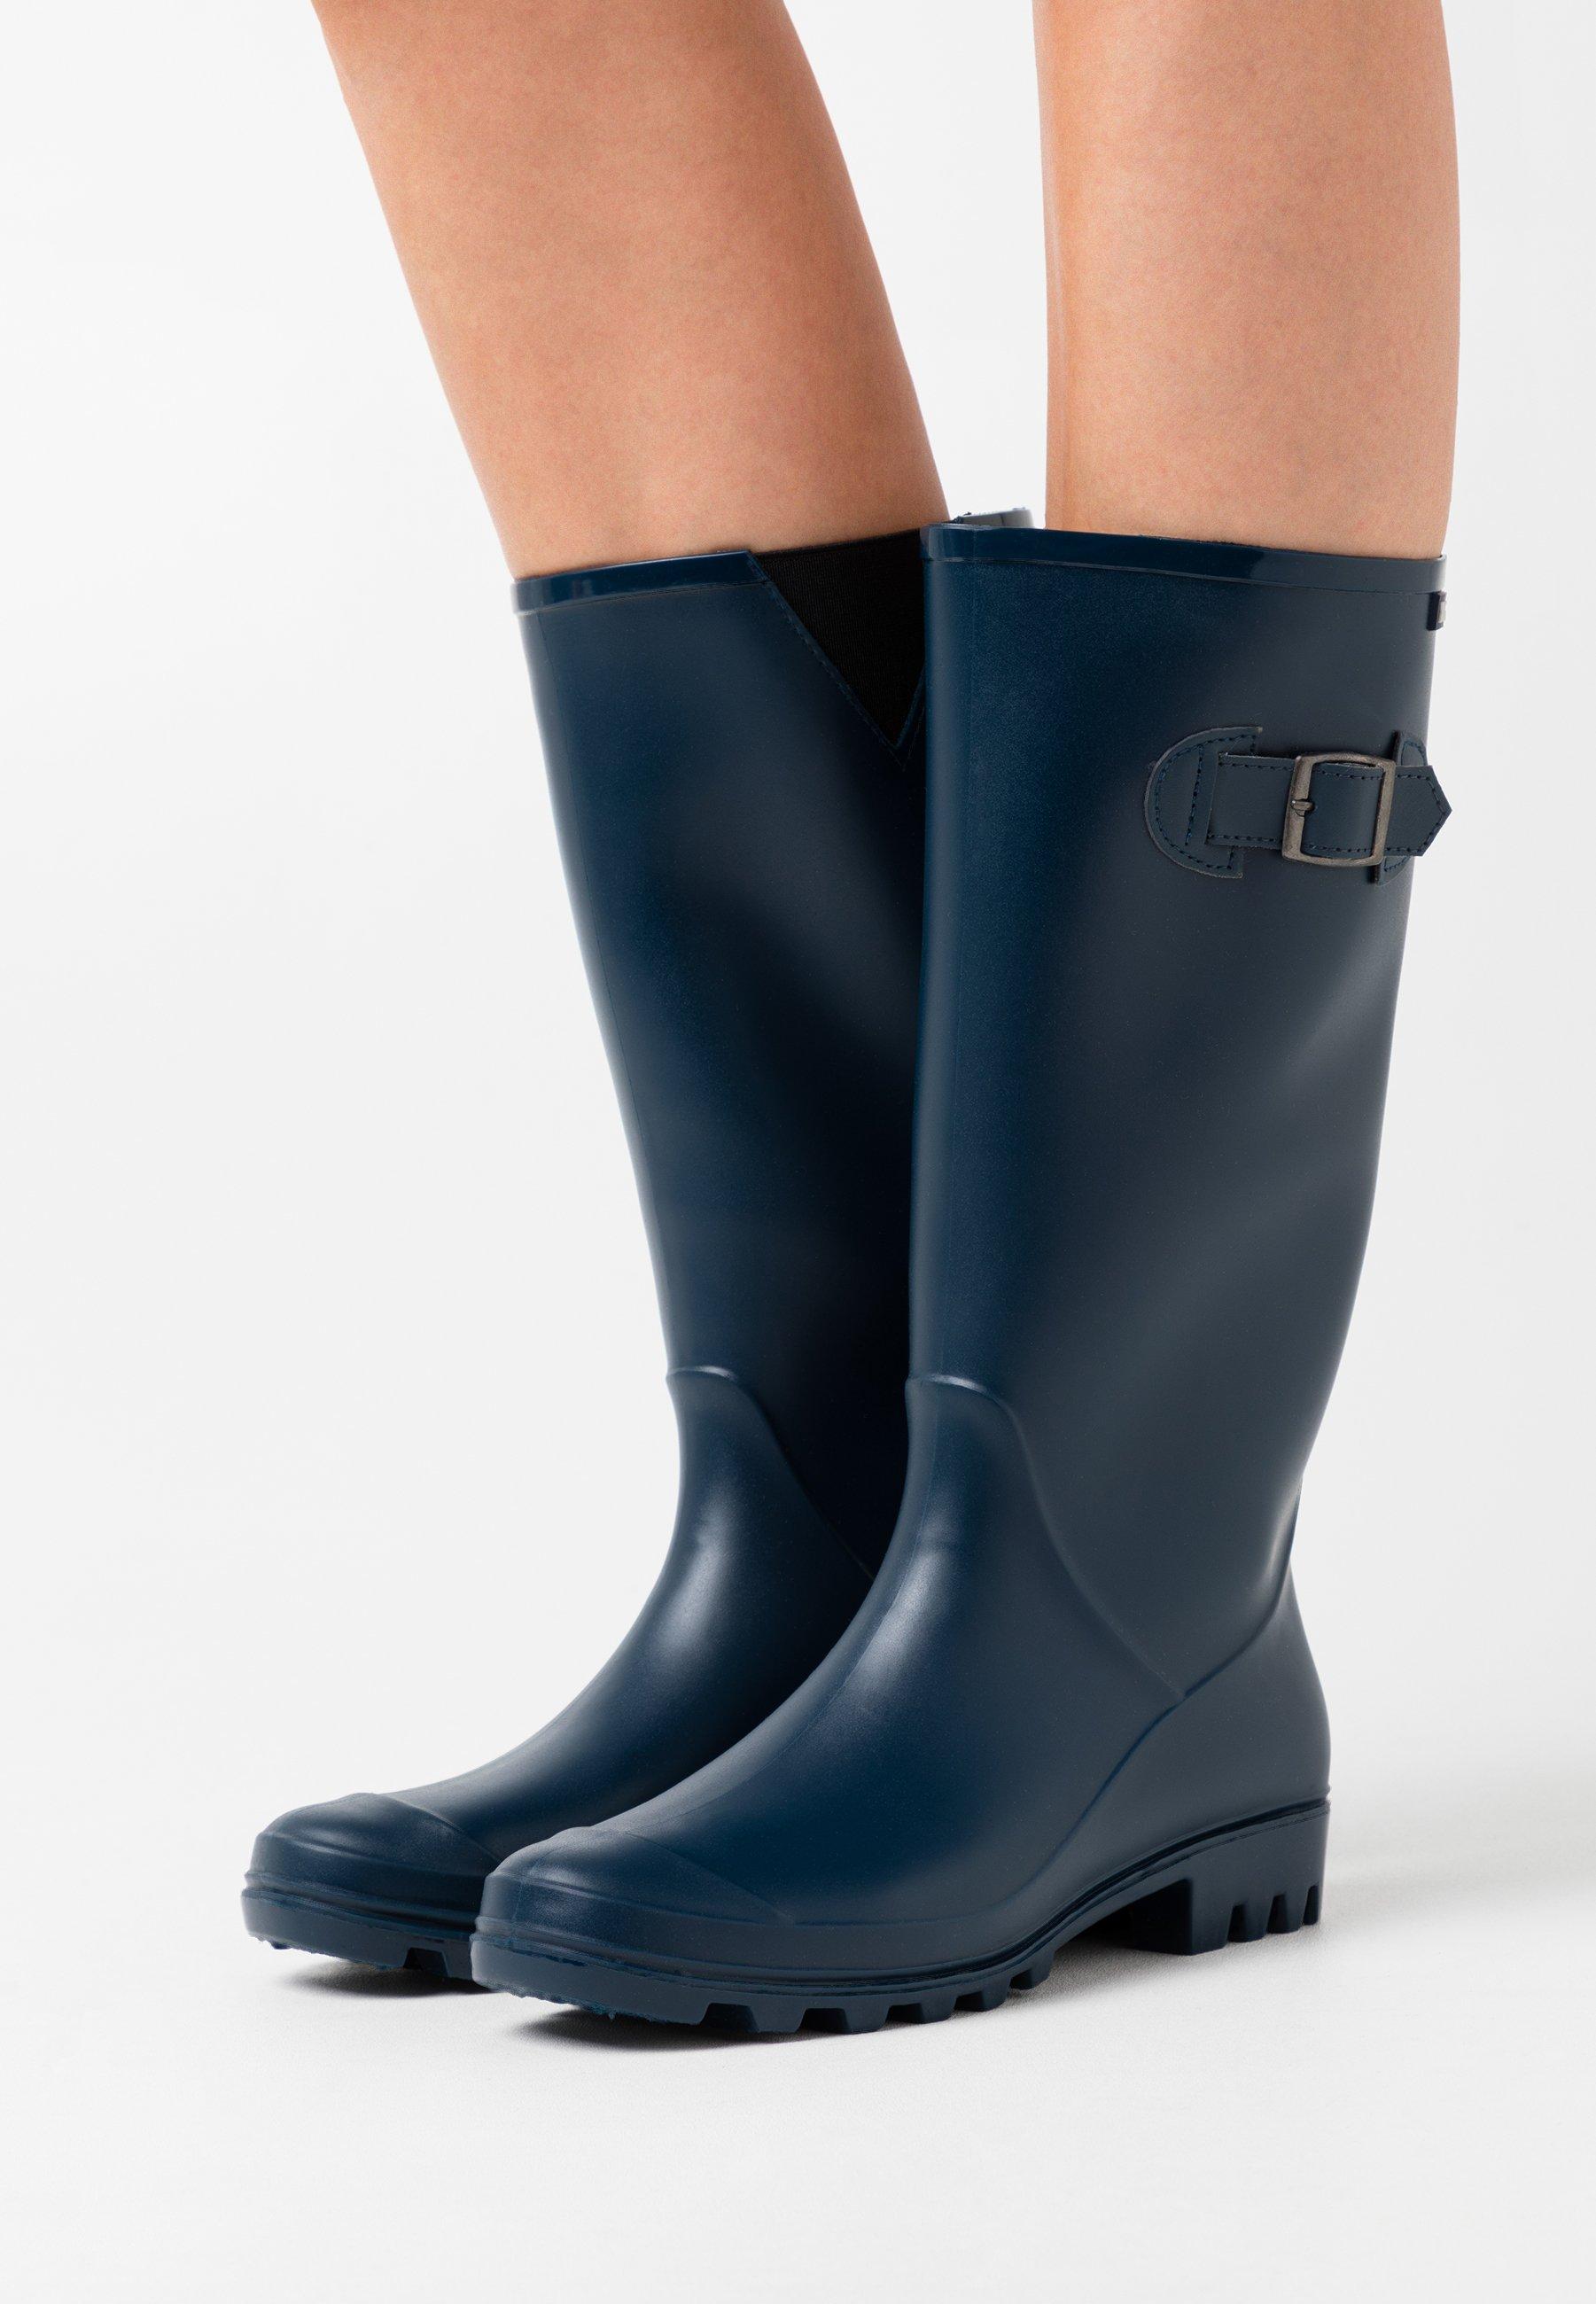 Scarpe da donna XTI Stivali di gomma navy